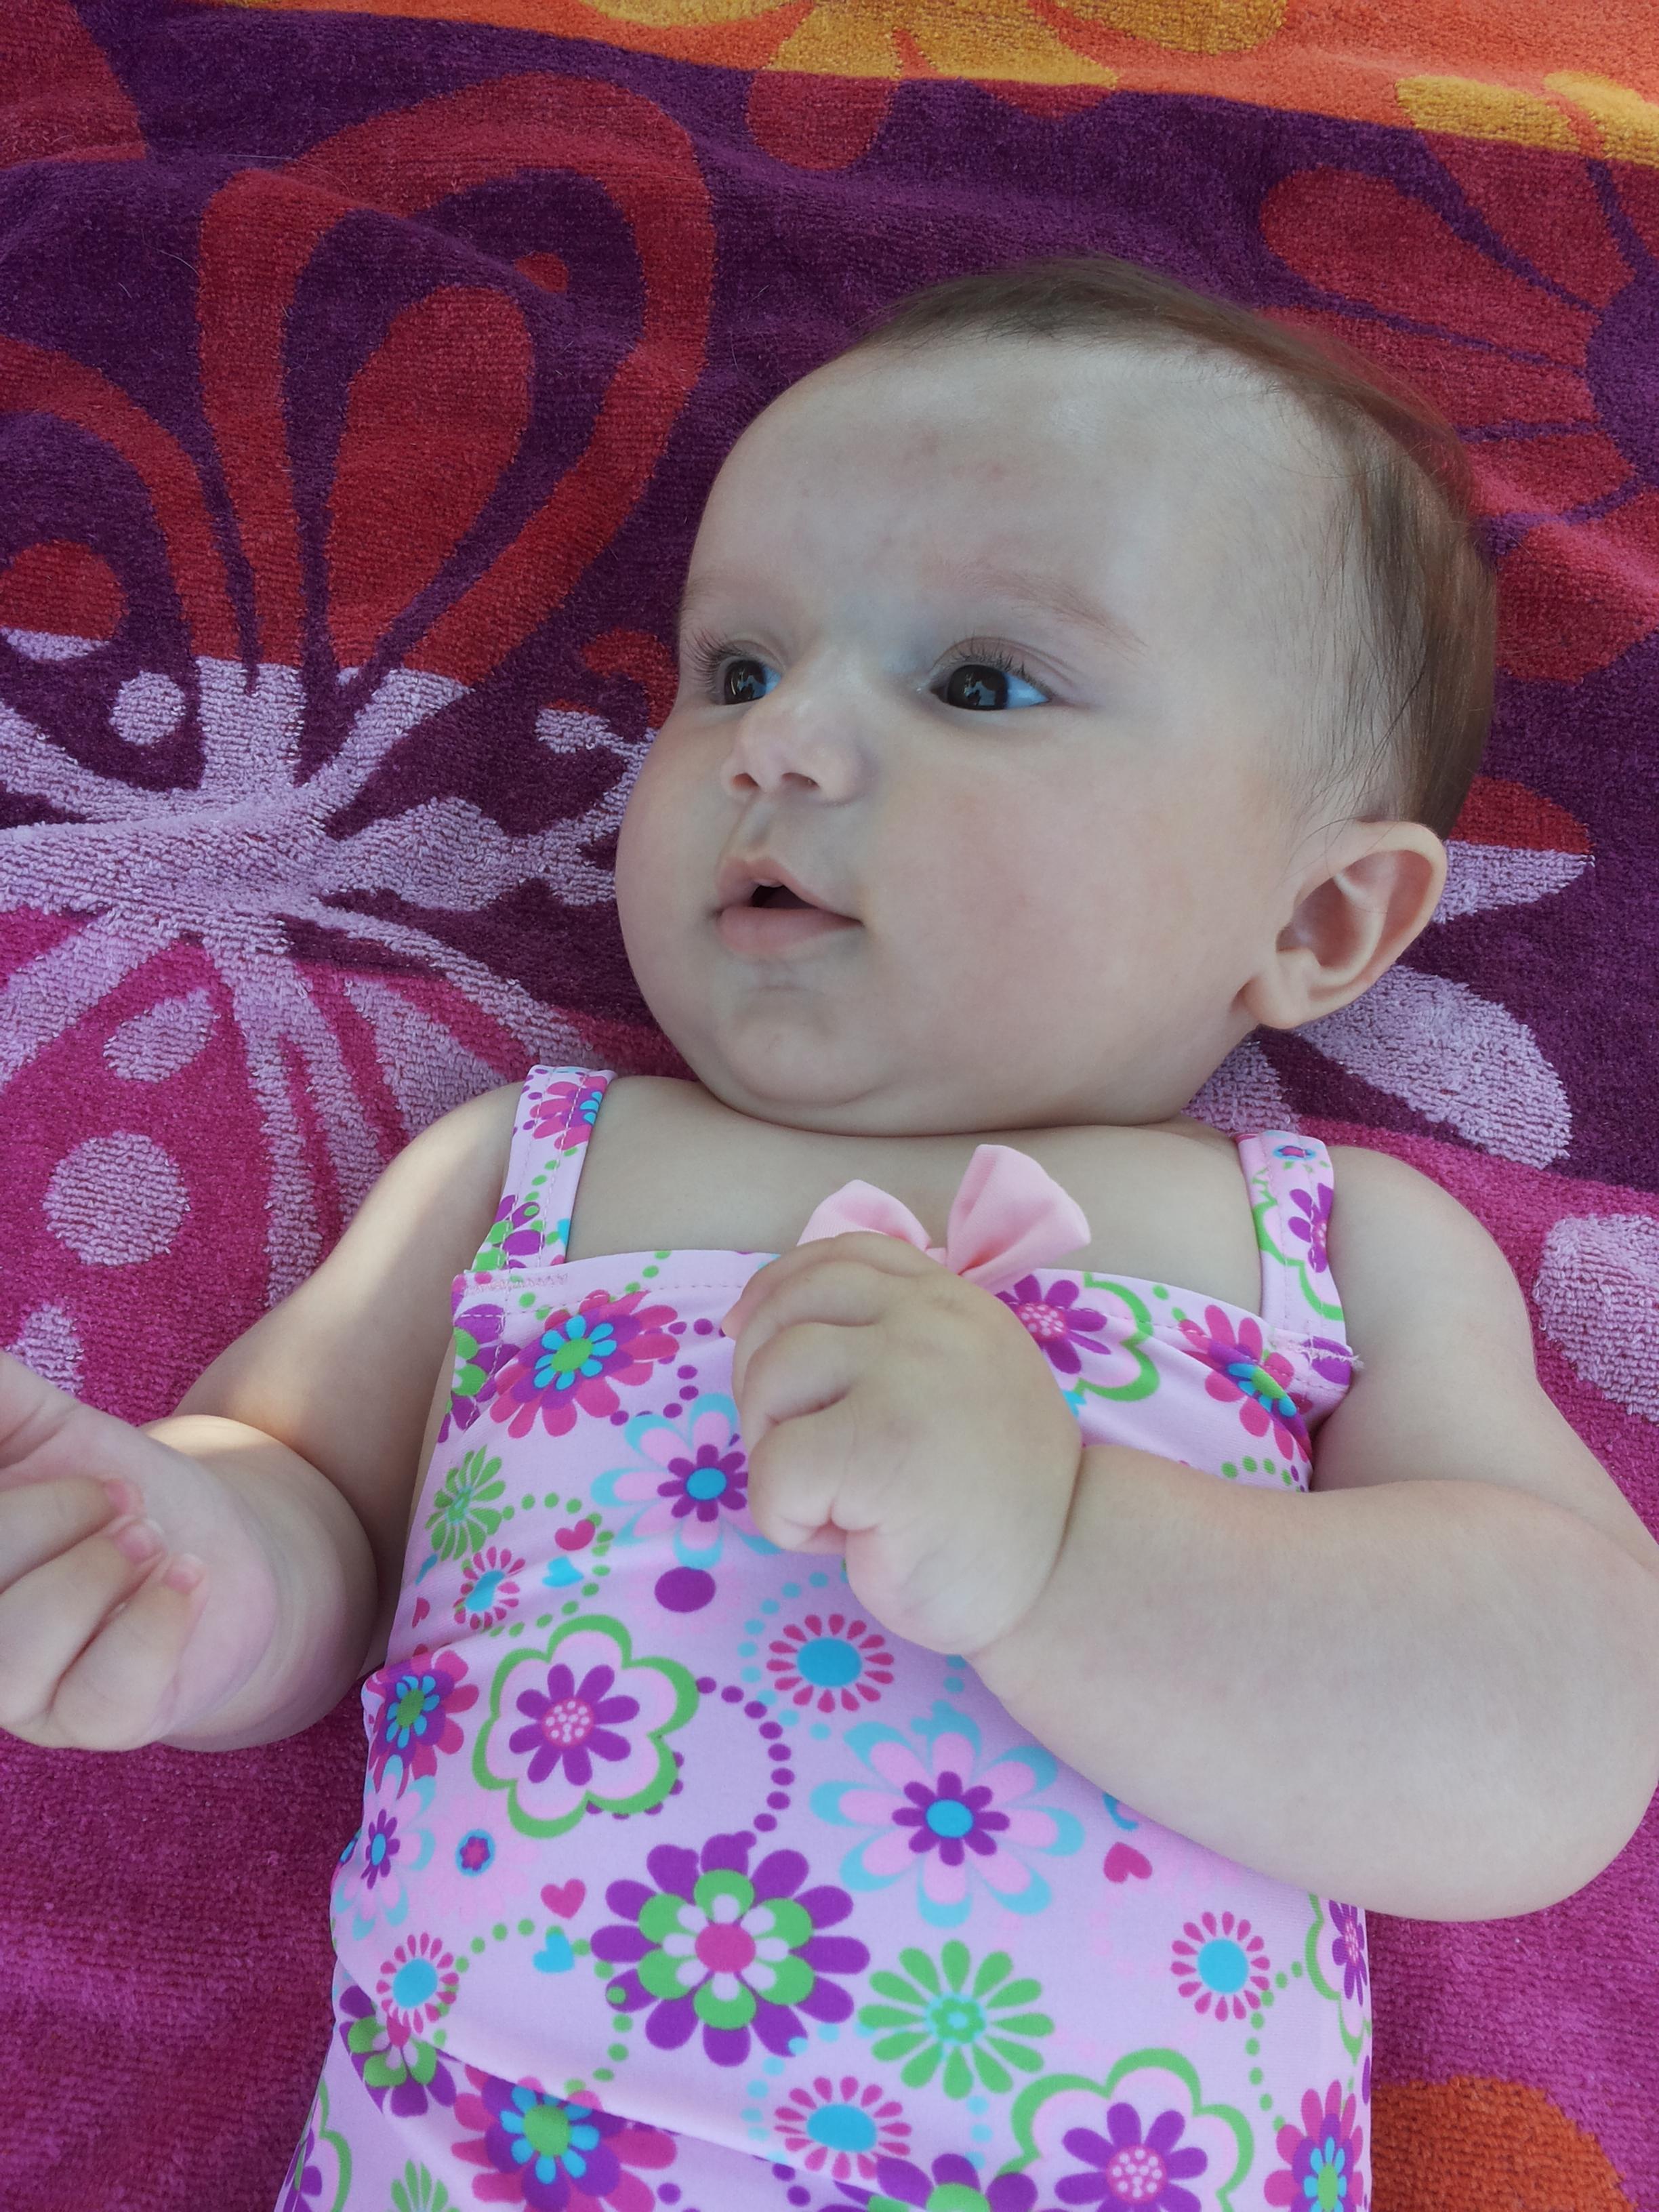 Bambini fino a 12 mesi GRATIS